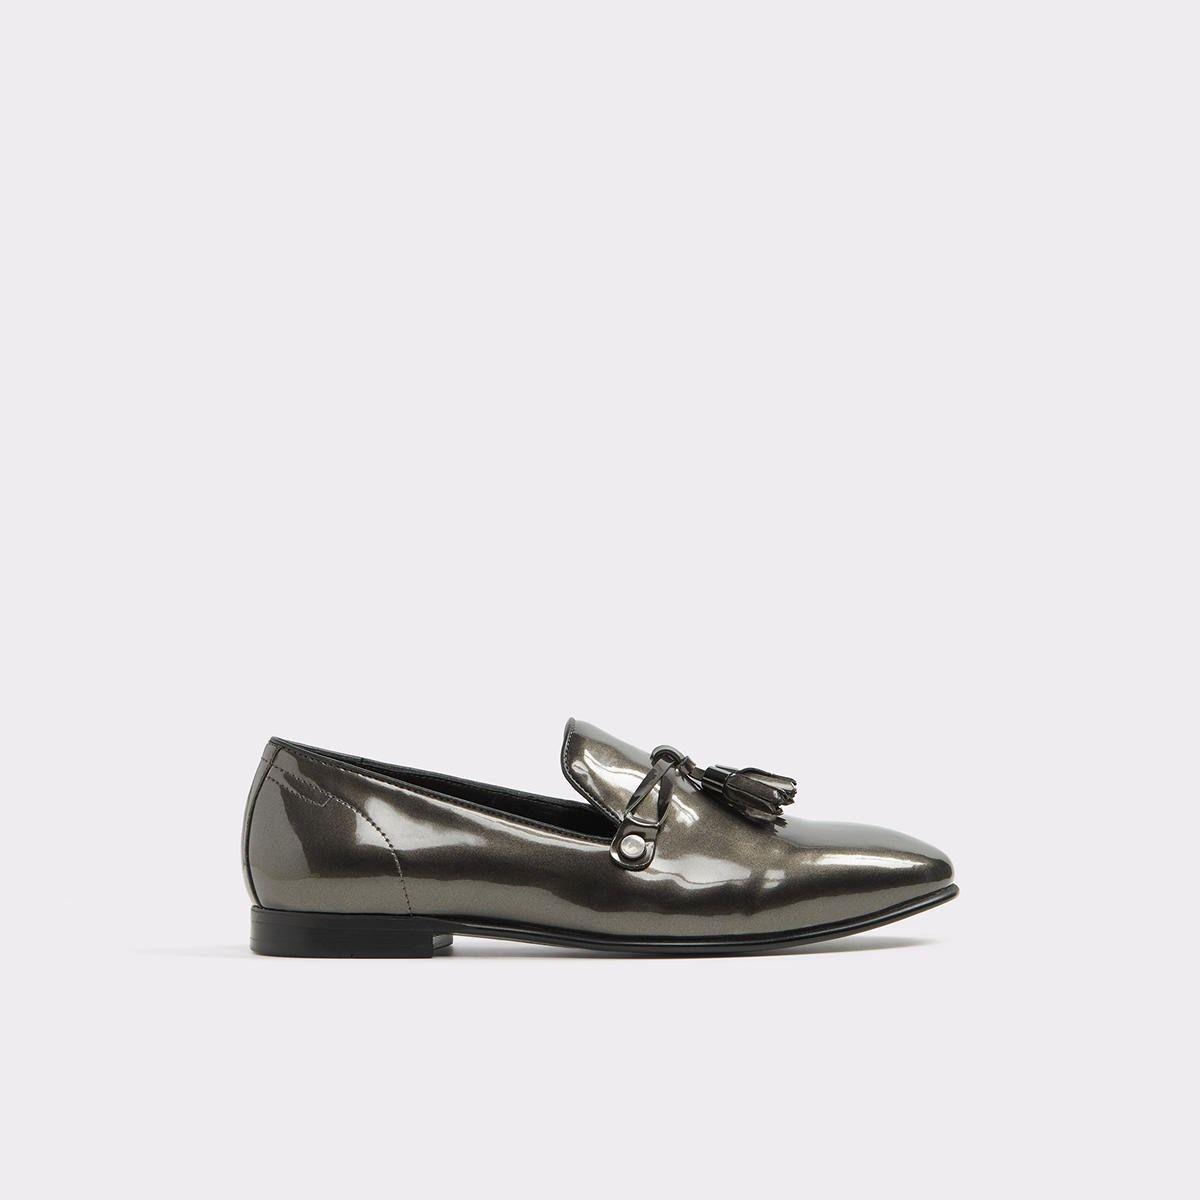 af05a8404fbcf Mccrery Med. Silver Men's Dress shoes | Aldoshoes.com US | shoes ...